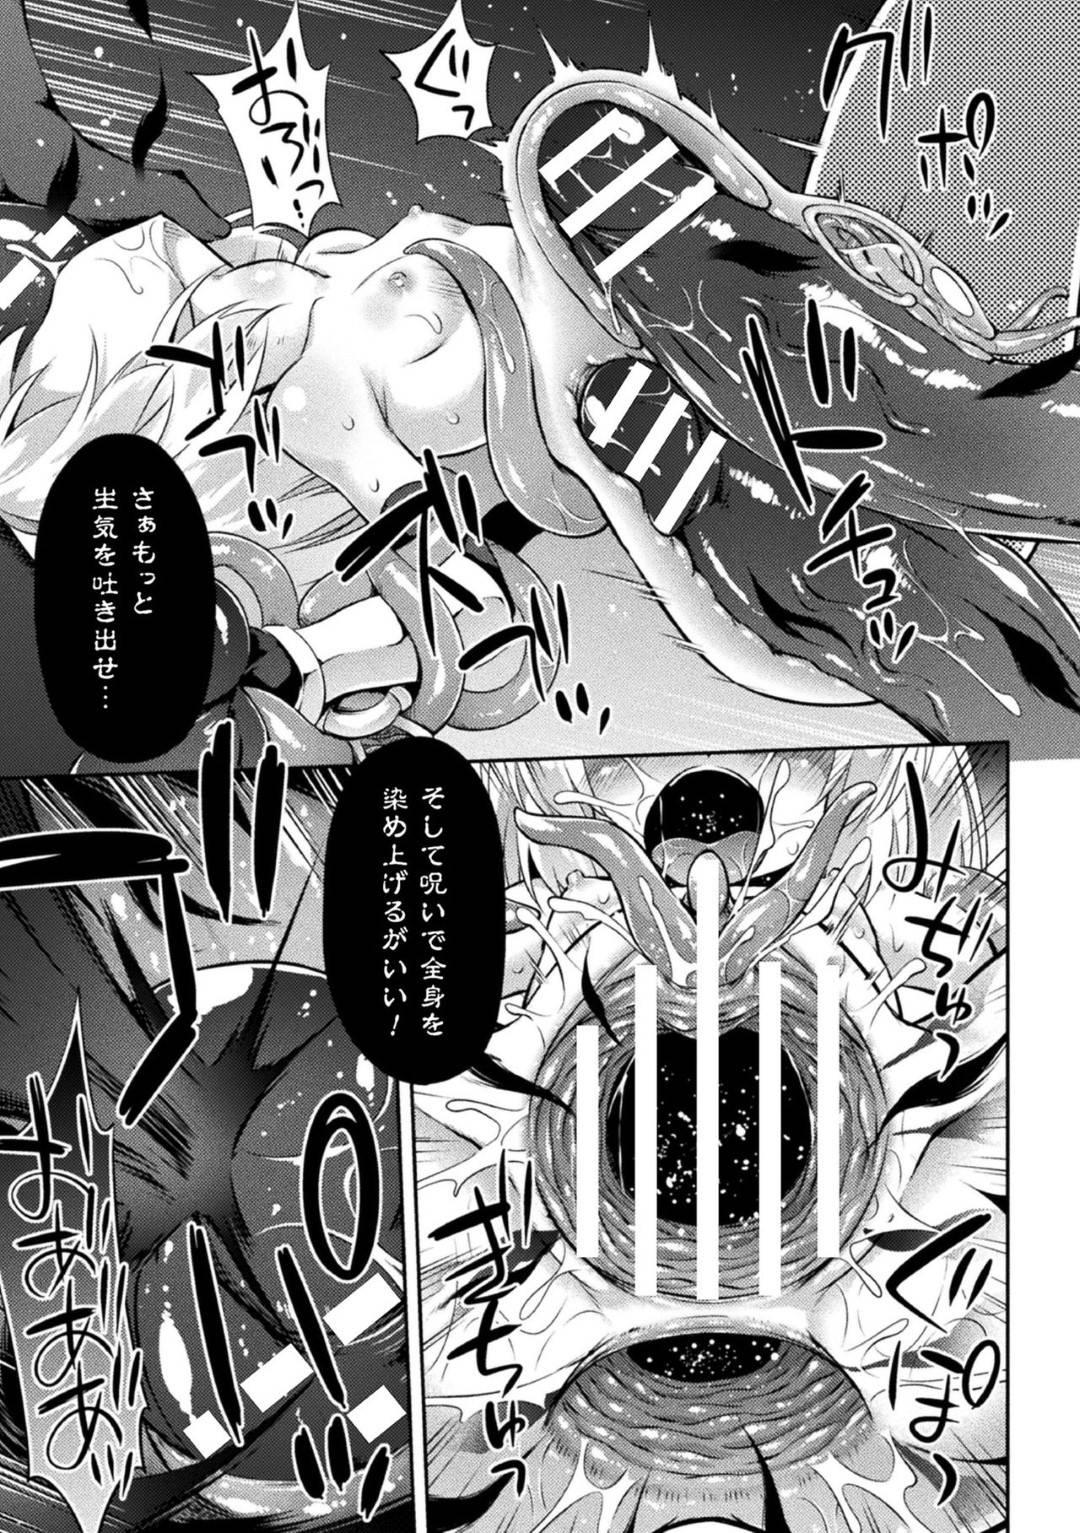 【エロ漫画】ダンジョンの奥に深入りしすぎて武器も壊れ消沈するちっパイ少女戦士…目の前にある見るからに怪しげな剣を使おうか迷っていると魔物が飛び出し剣を使うことに!そして剣から伸びる触手によって孕ませられてしまう!【緋乃ひの:呪いの剣に捕われて】